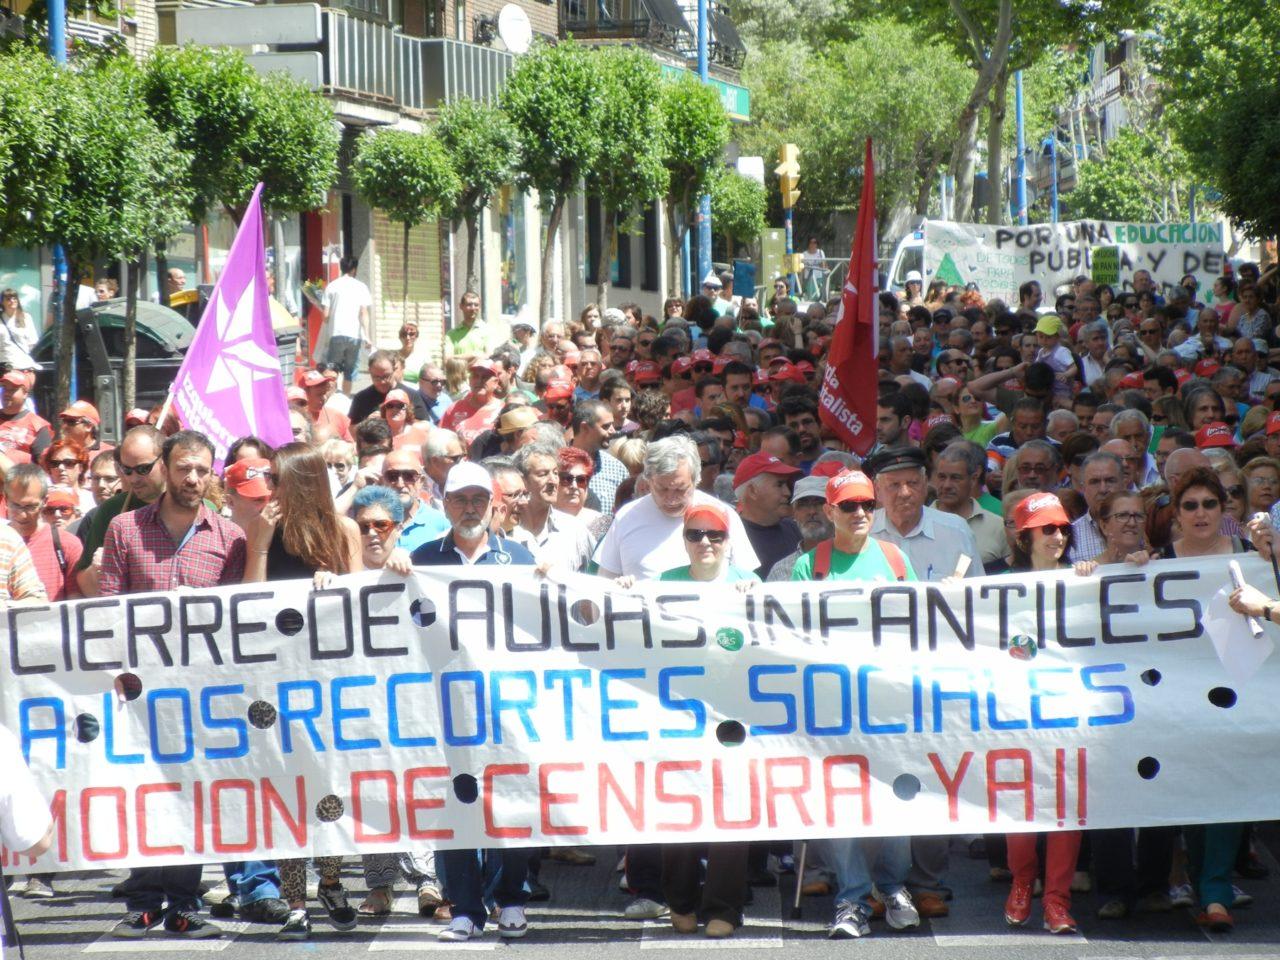 Leganés sale a la calle contra los recortes y la falta de participación ciudadana